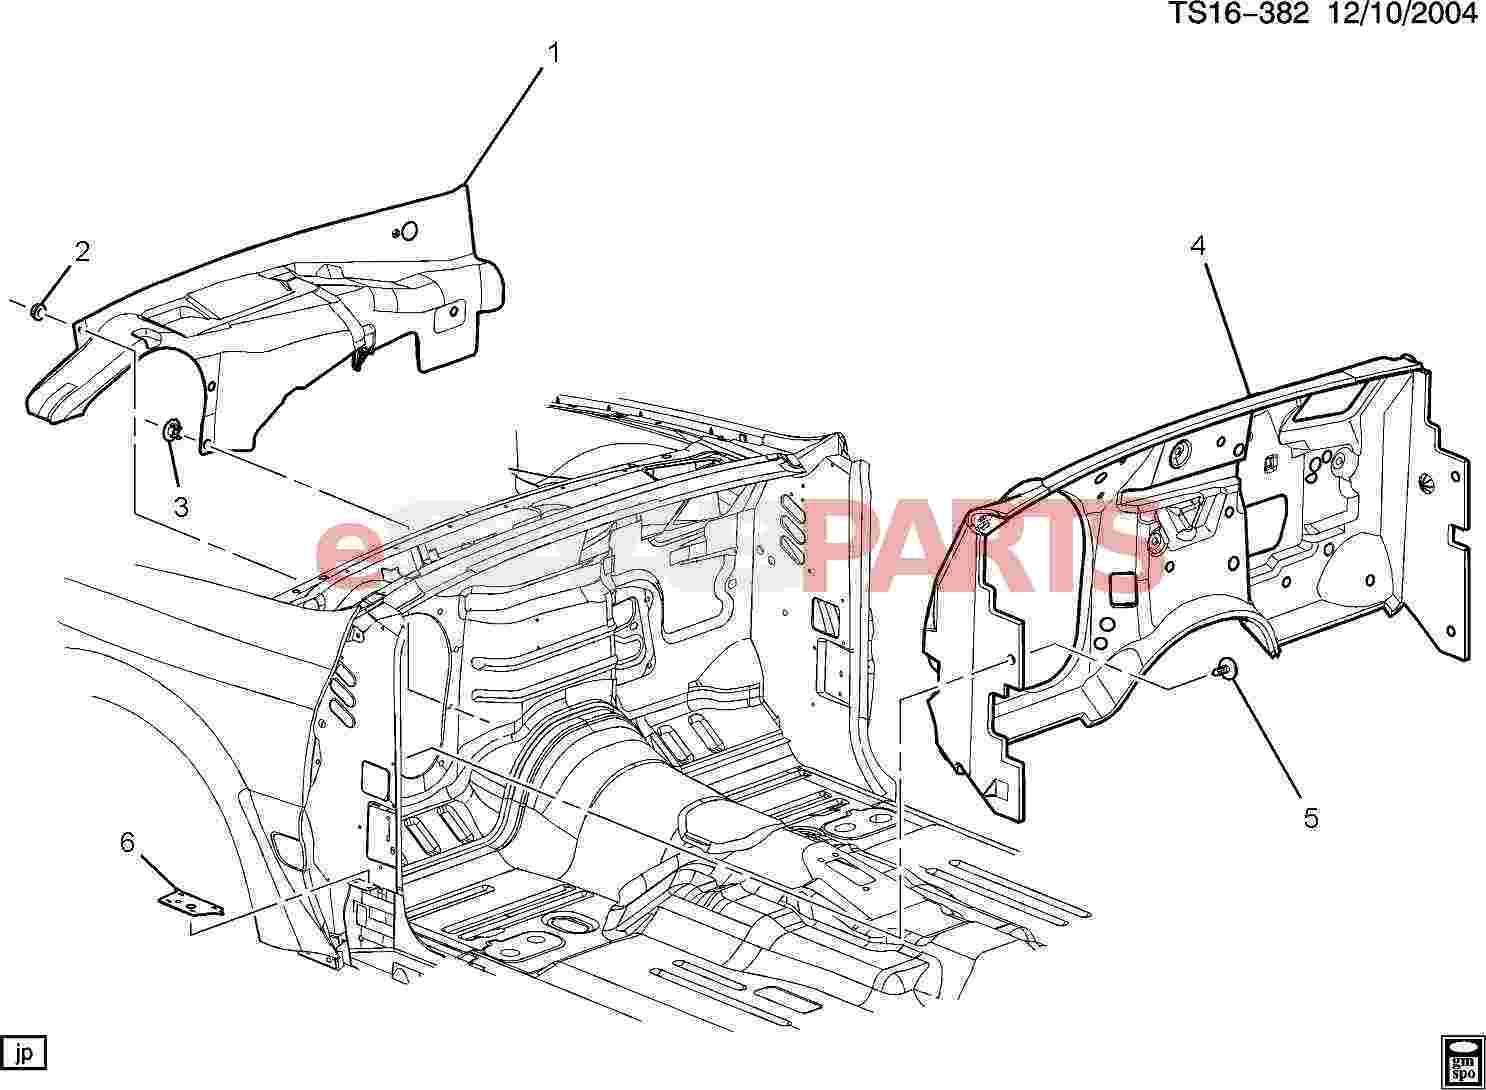 Saab Baffle Body H Plr Lower